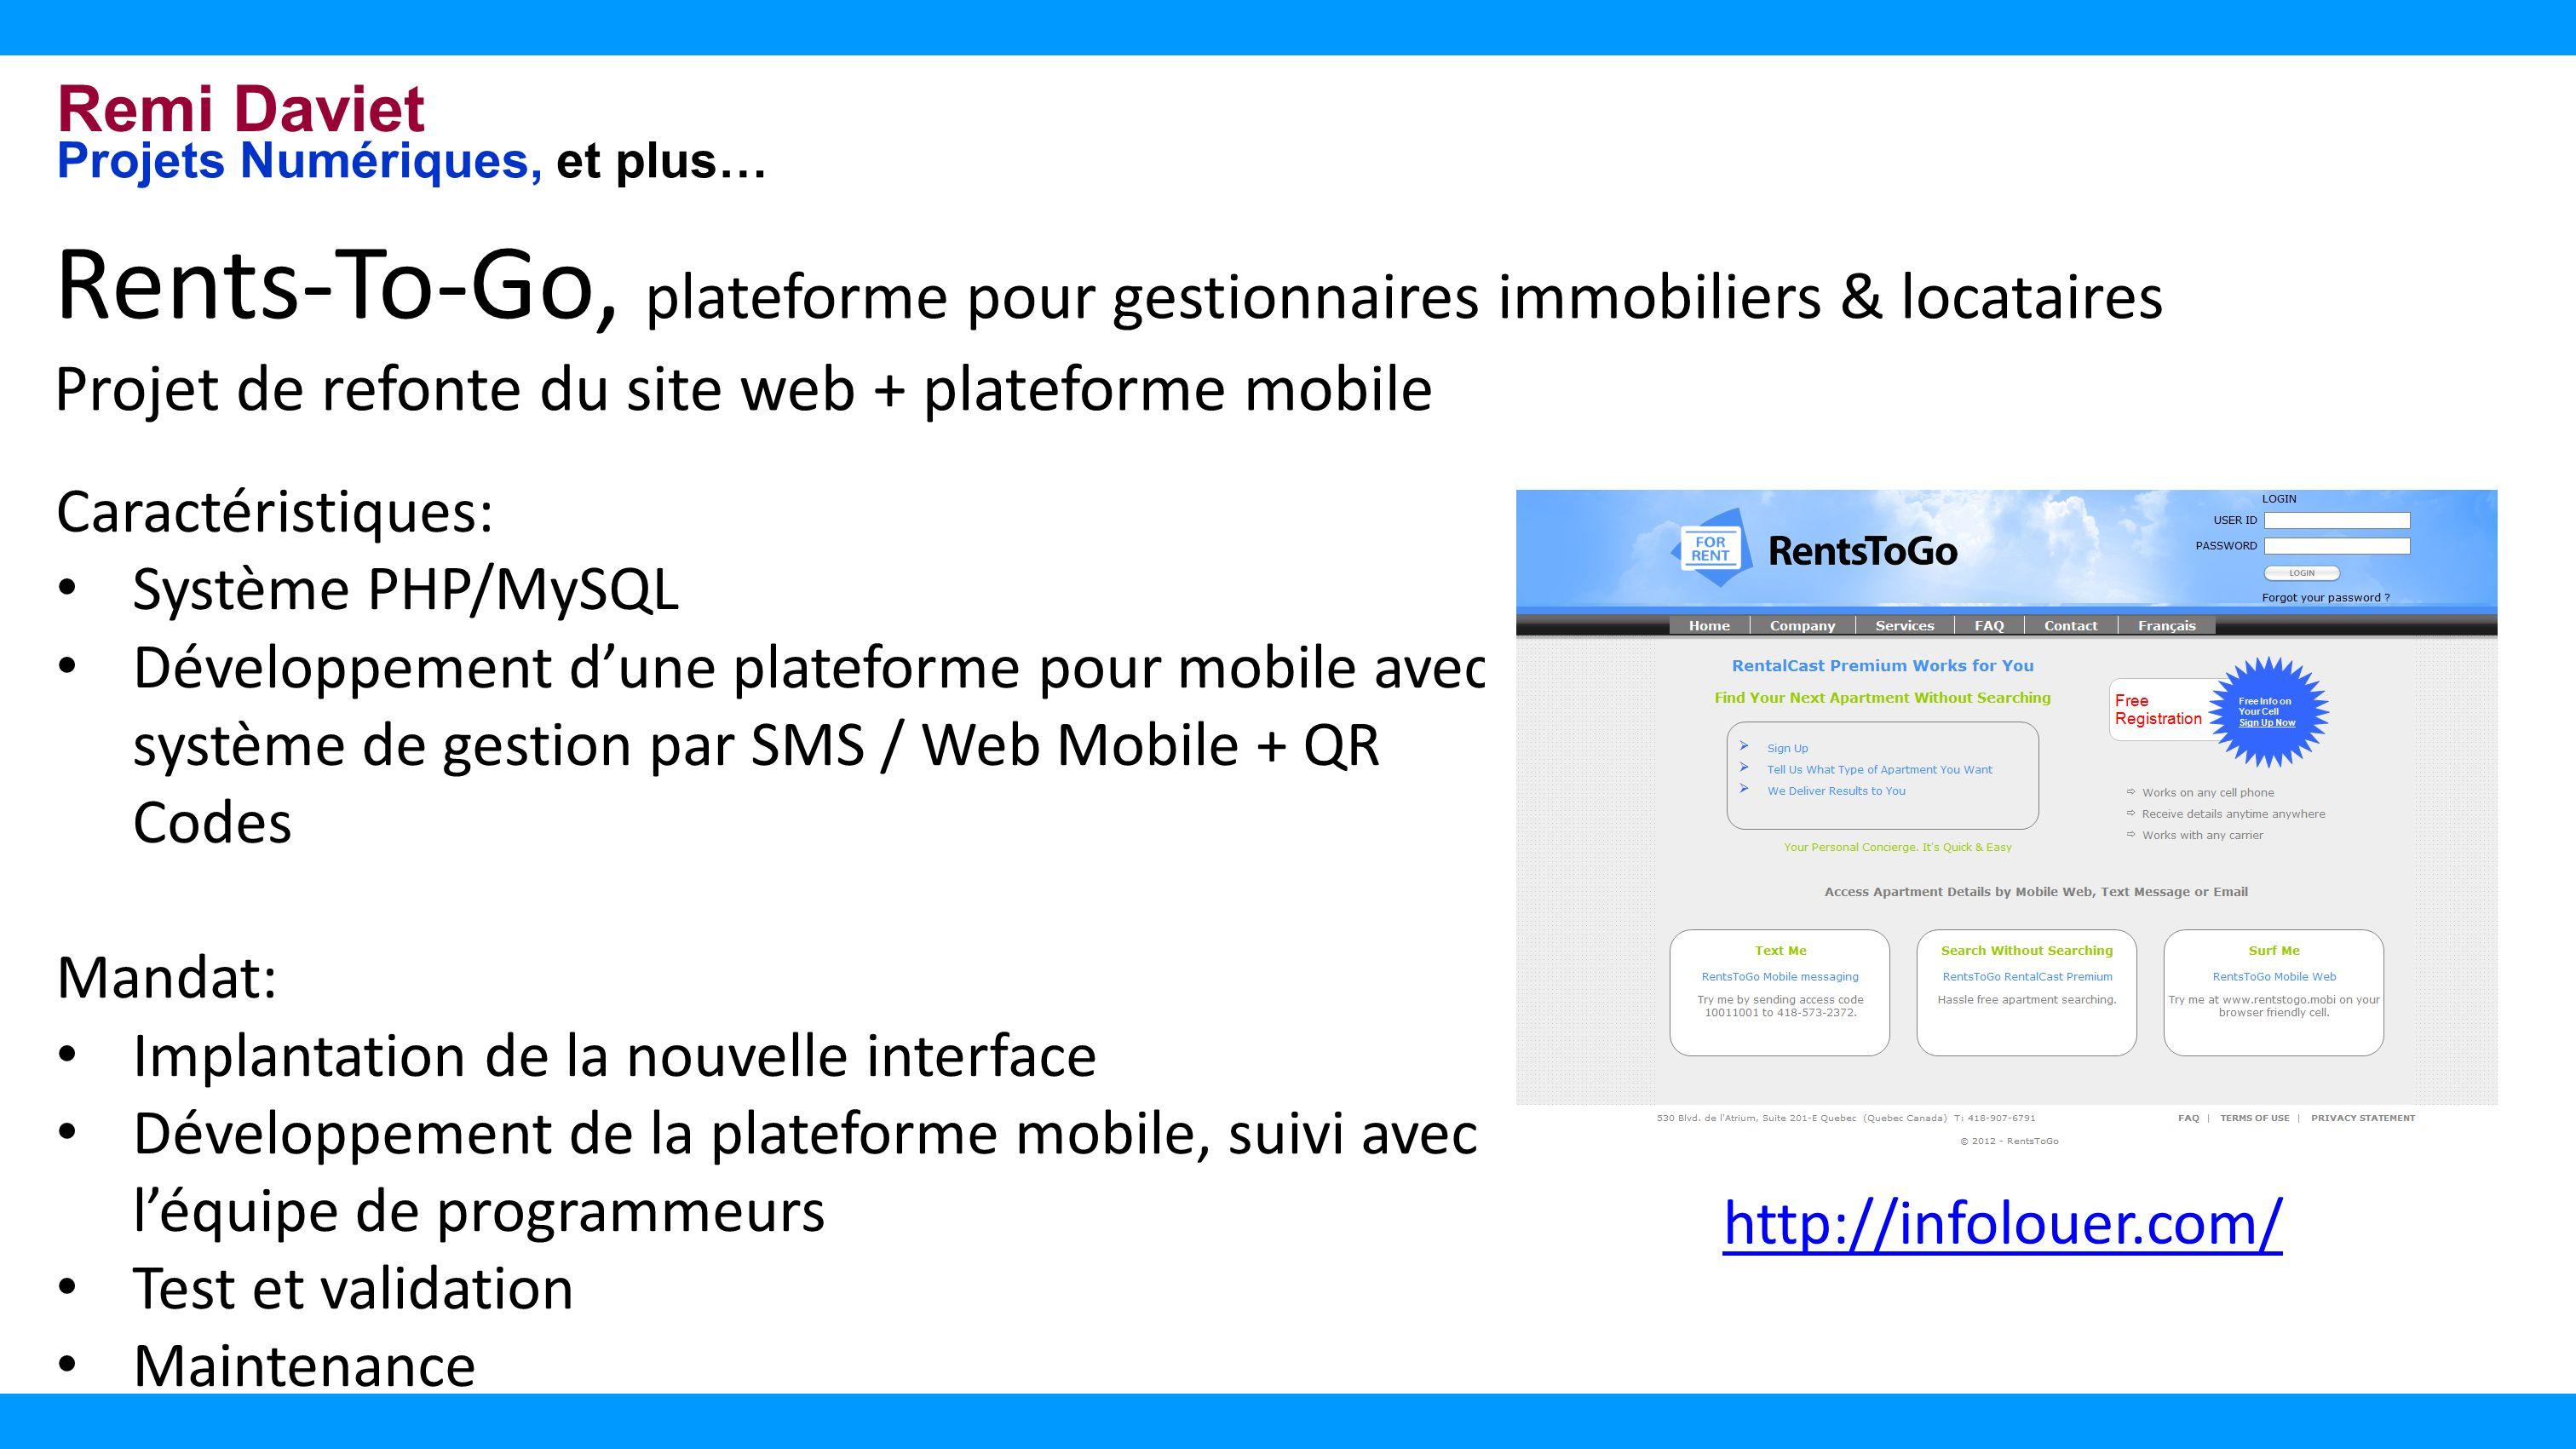 Remi Daviet Projets Numériques, et plus… Rents-To-Go, plateforme pour gestionnaires immobiliers & locataires Projet de refonte du site web + plateforme mobile Caractéristiques: Système PHP/MySQL Développement dune plateforme pour mobile avec système de gestion par SMS / Web Mobile + QR Codes Mandat: Implantation de la nouvelle interface Développement de la plateforme mobile, suivi avec léquipe de programmeurs Test et validation Maintenance http://infolouer.com/